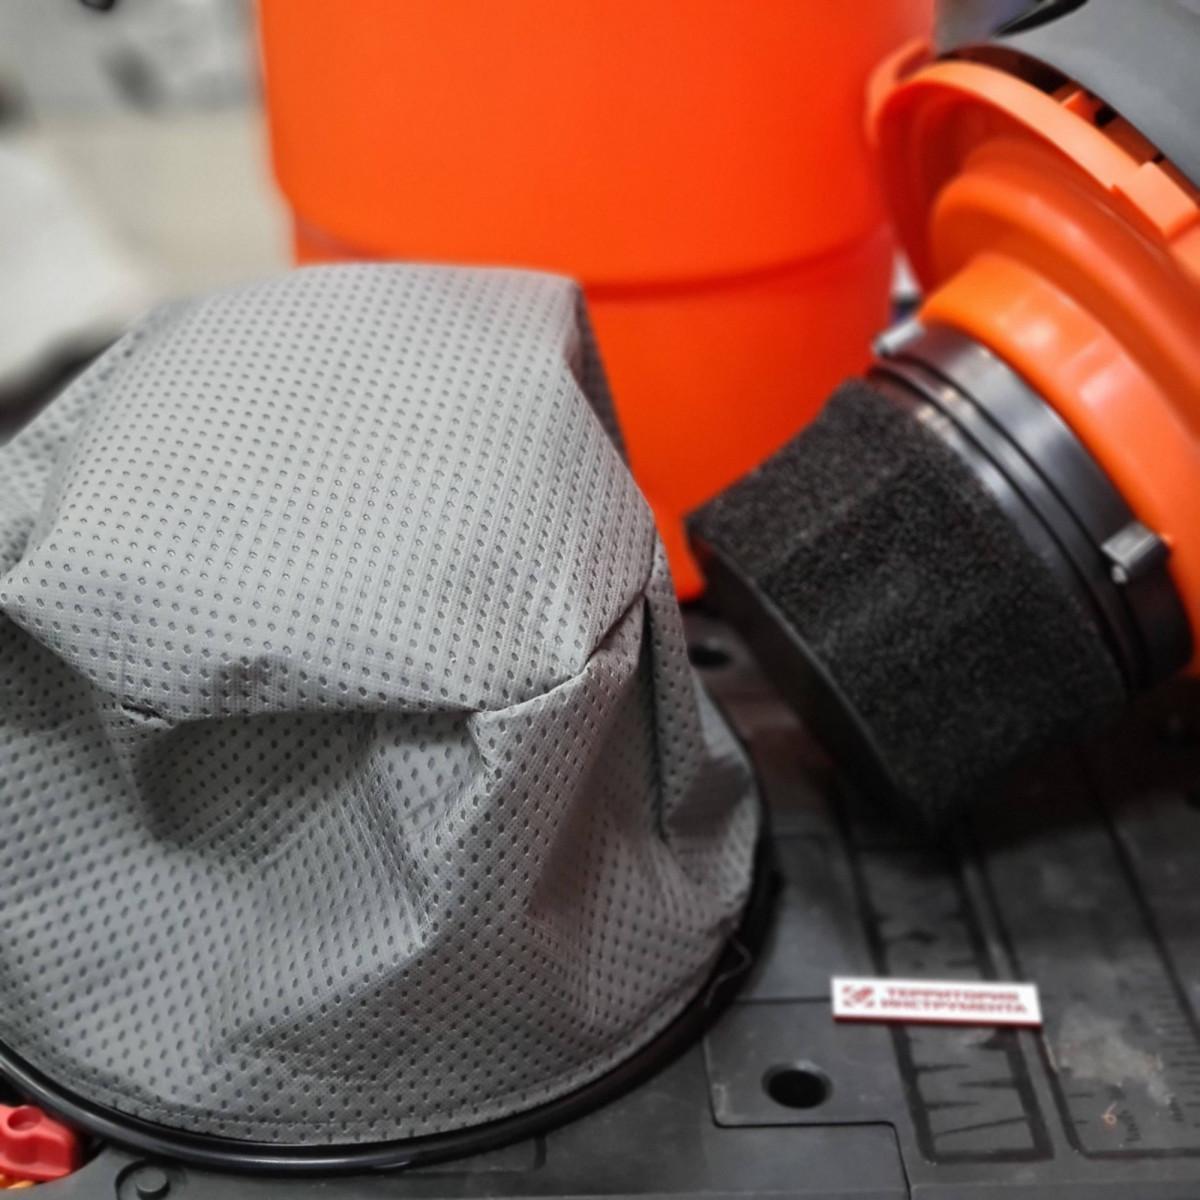 Пылесос промышленный PATRIOT VC 205, 20л , розетка, фильтр-мешок